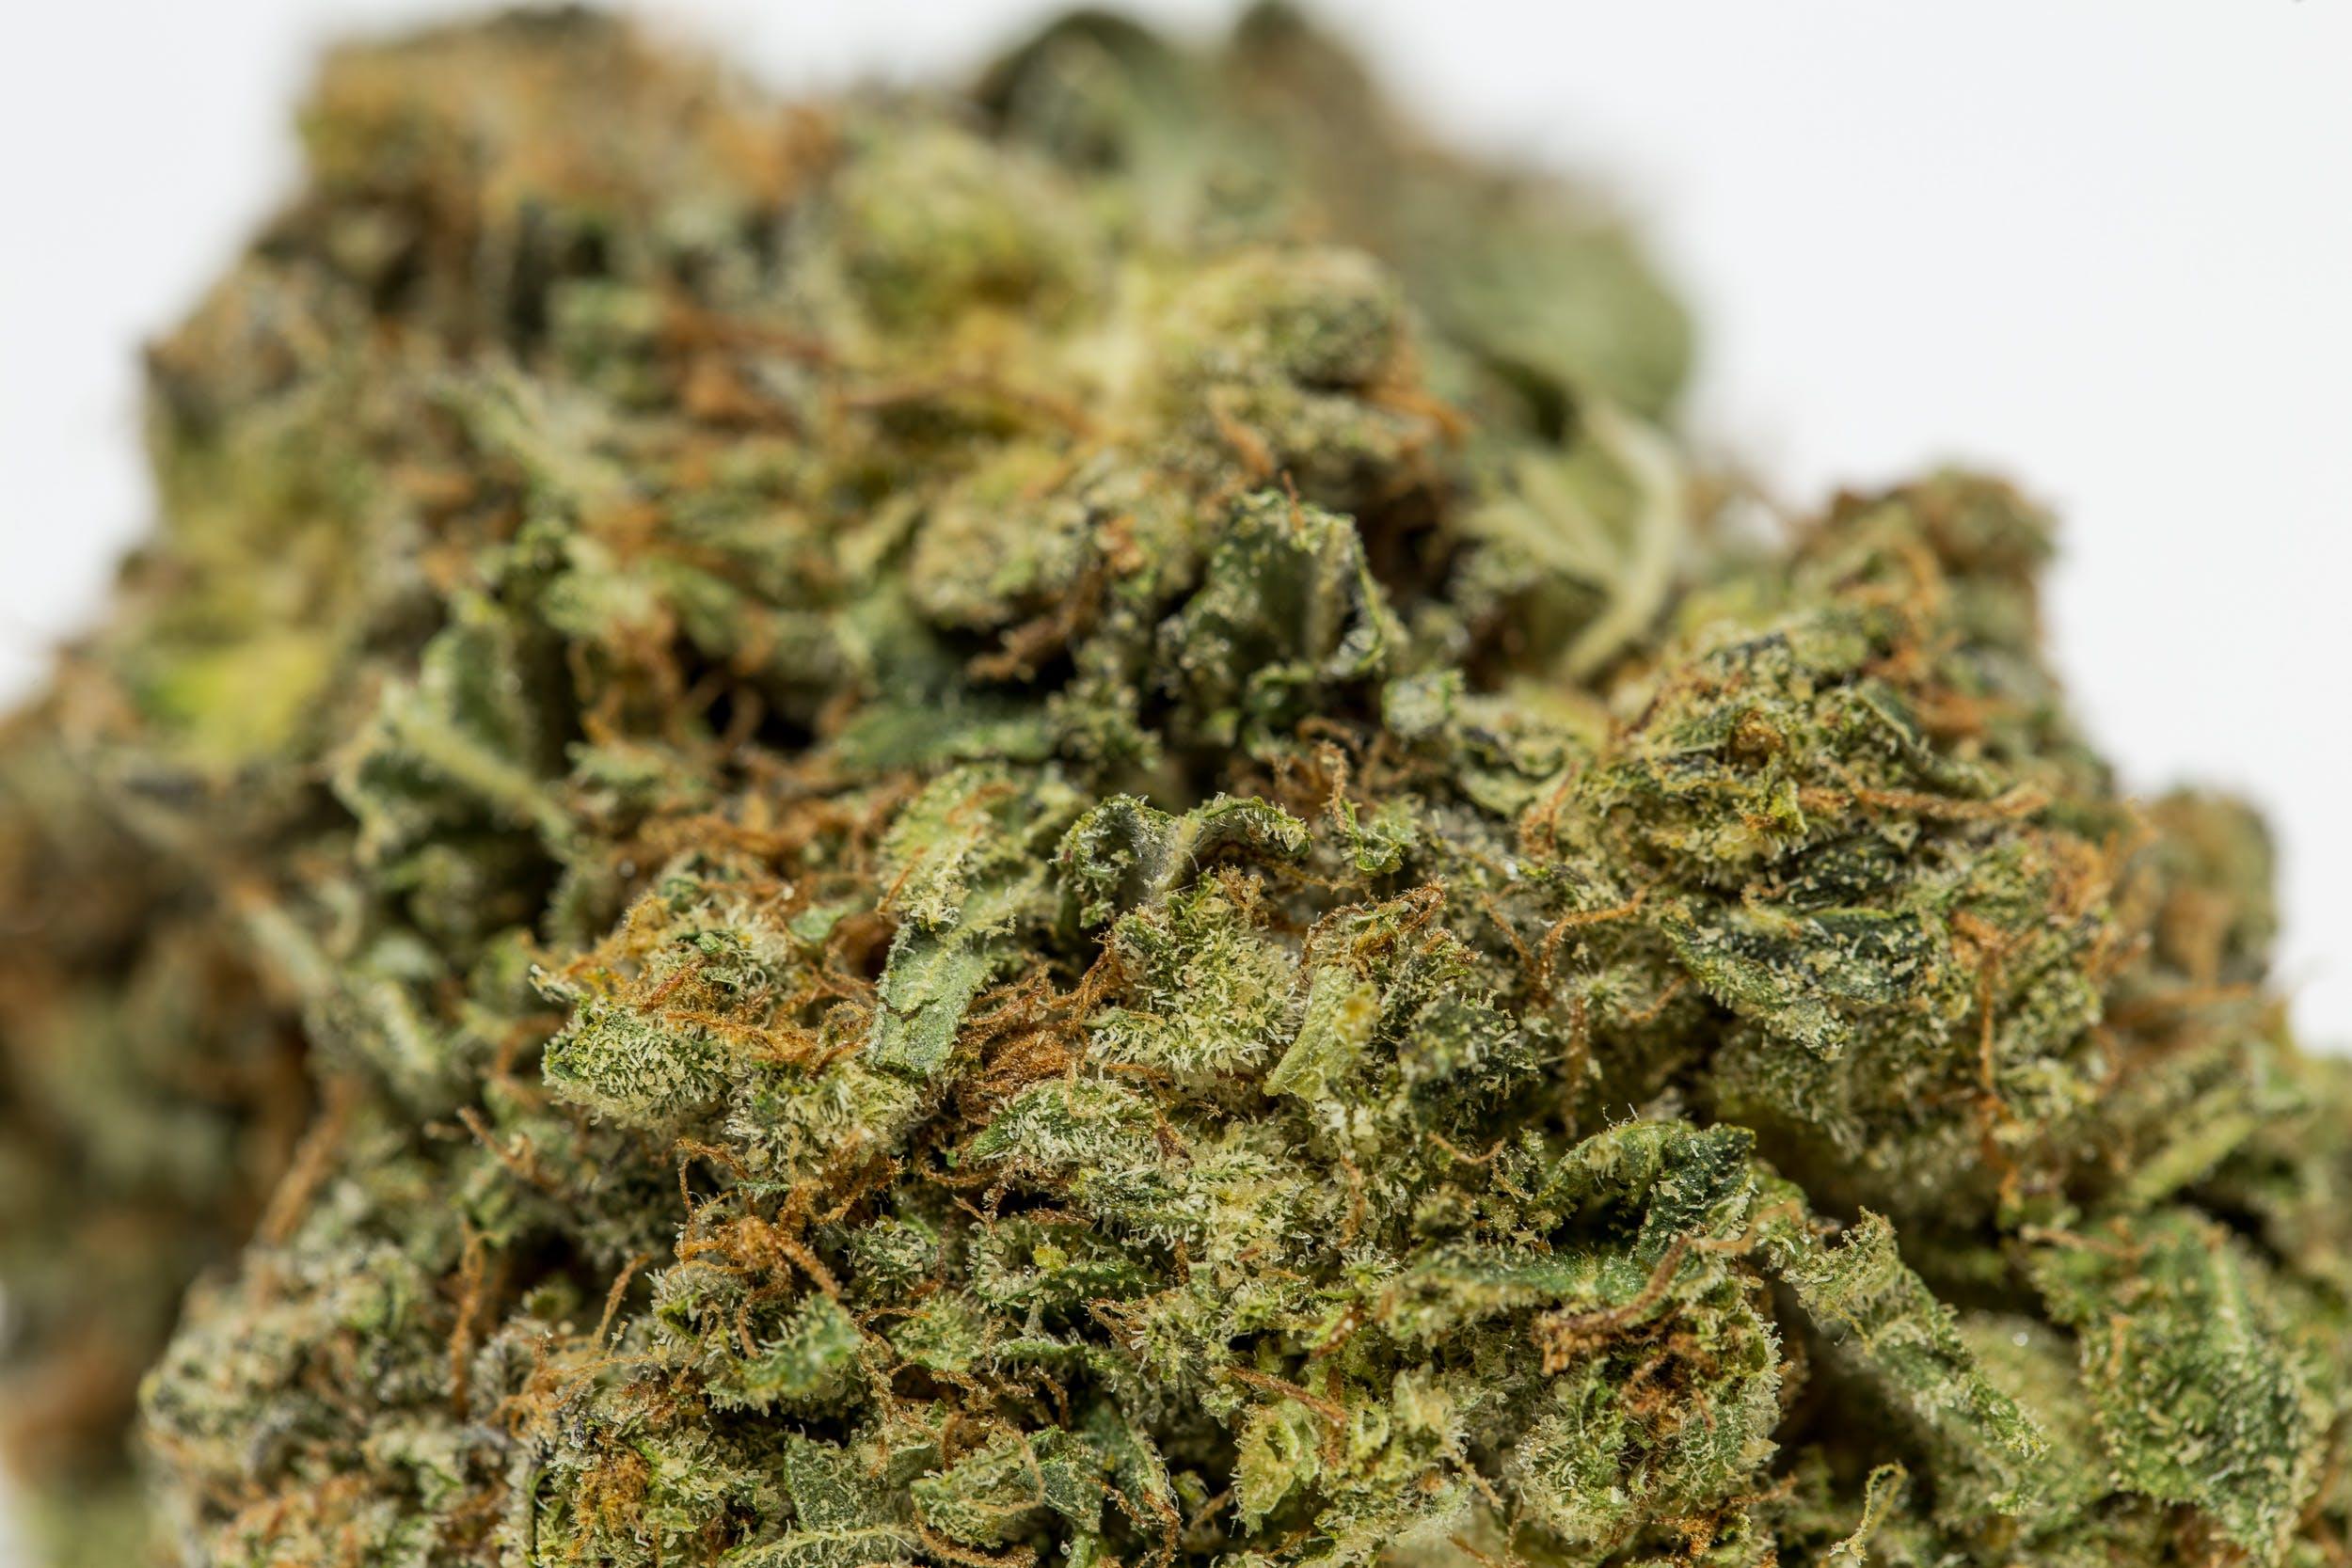 Alaskan Thunder Fuck Weed; Alaskan Thunder Fuck Cannabis Strain; Alaskan Thunder Fuck Sativa Marijuana Strain